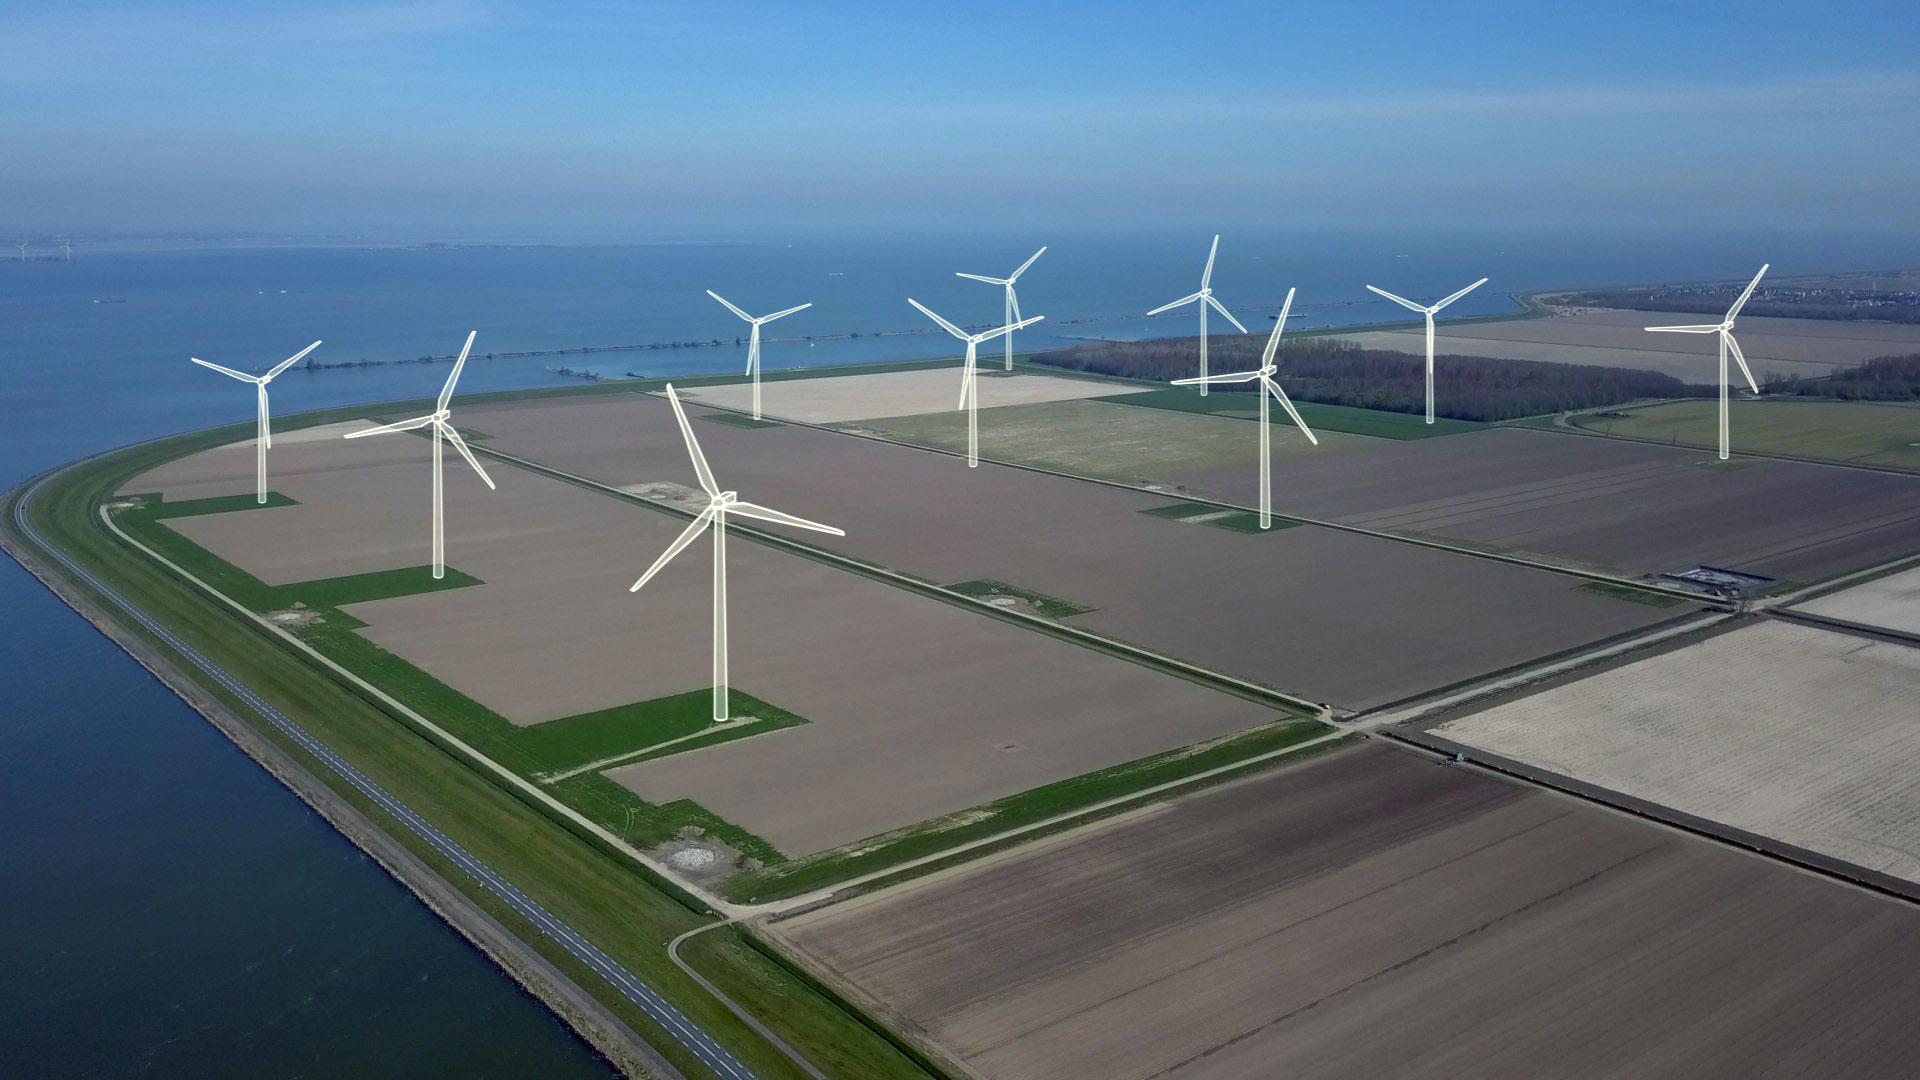 Wind-park-Jaap-Rodenburg_2_picture-Jorrit-Lousberg.jpg